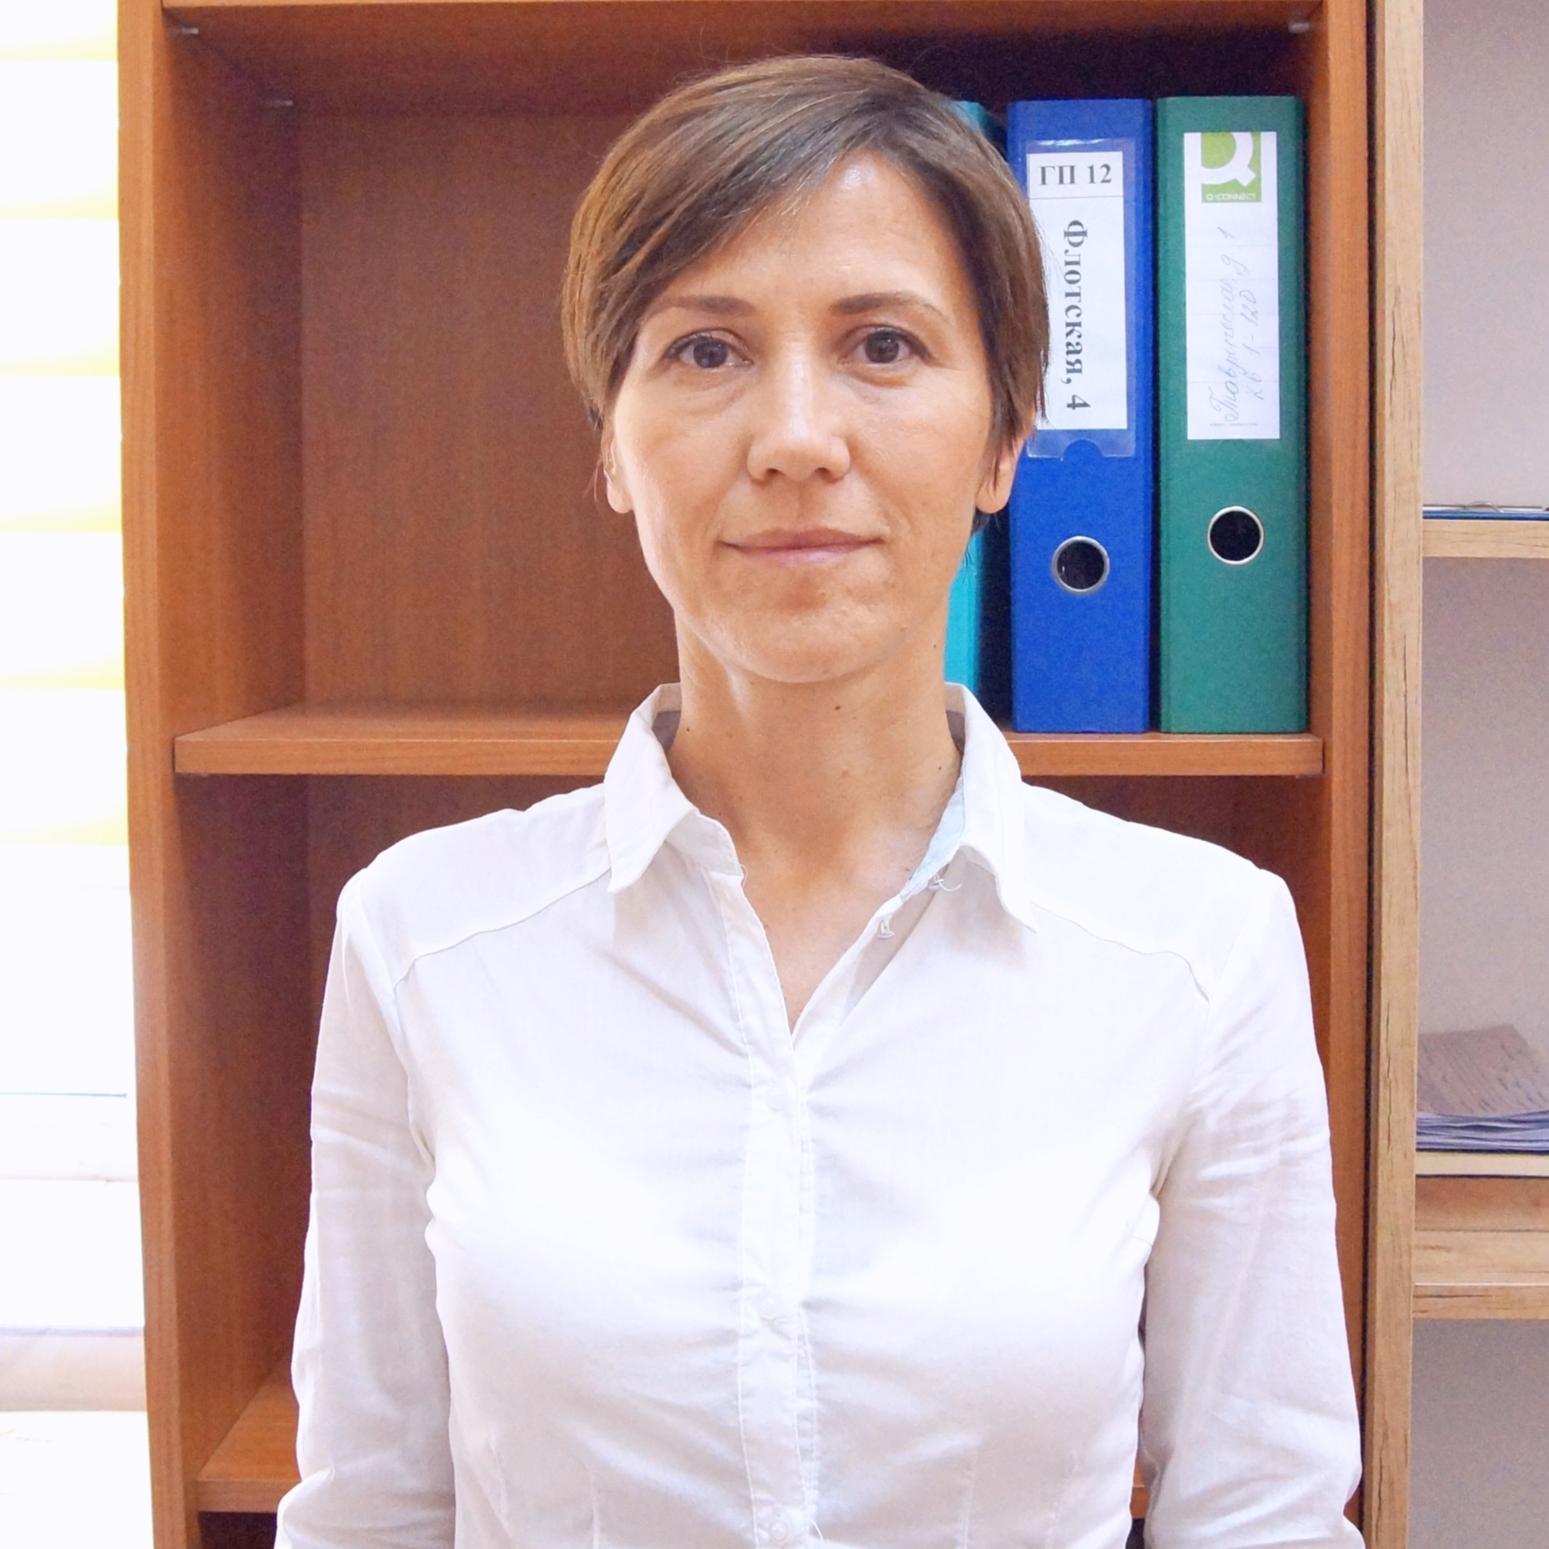 Наталья Лагутина Валентиновна